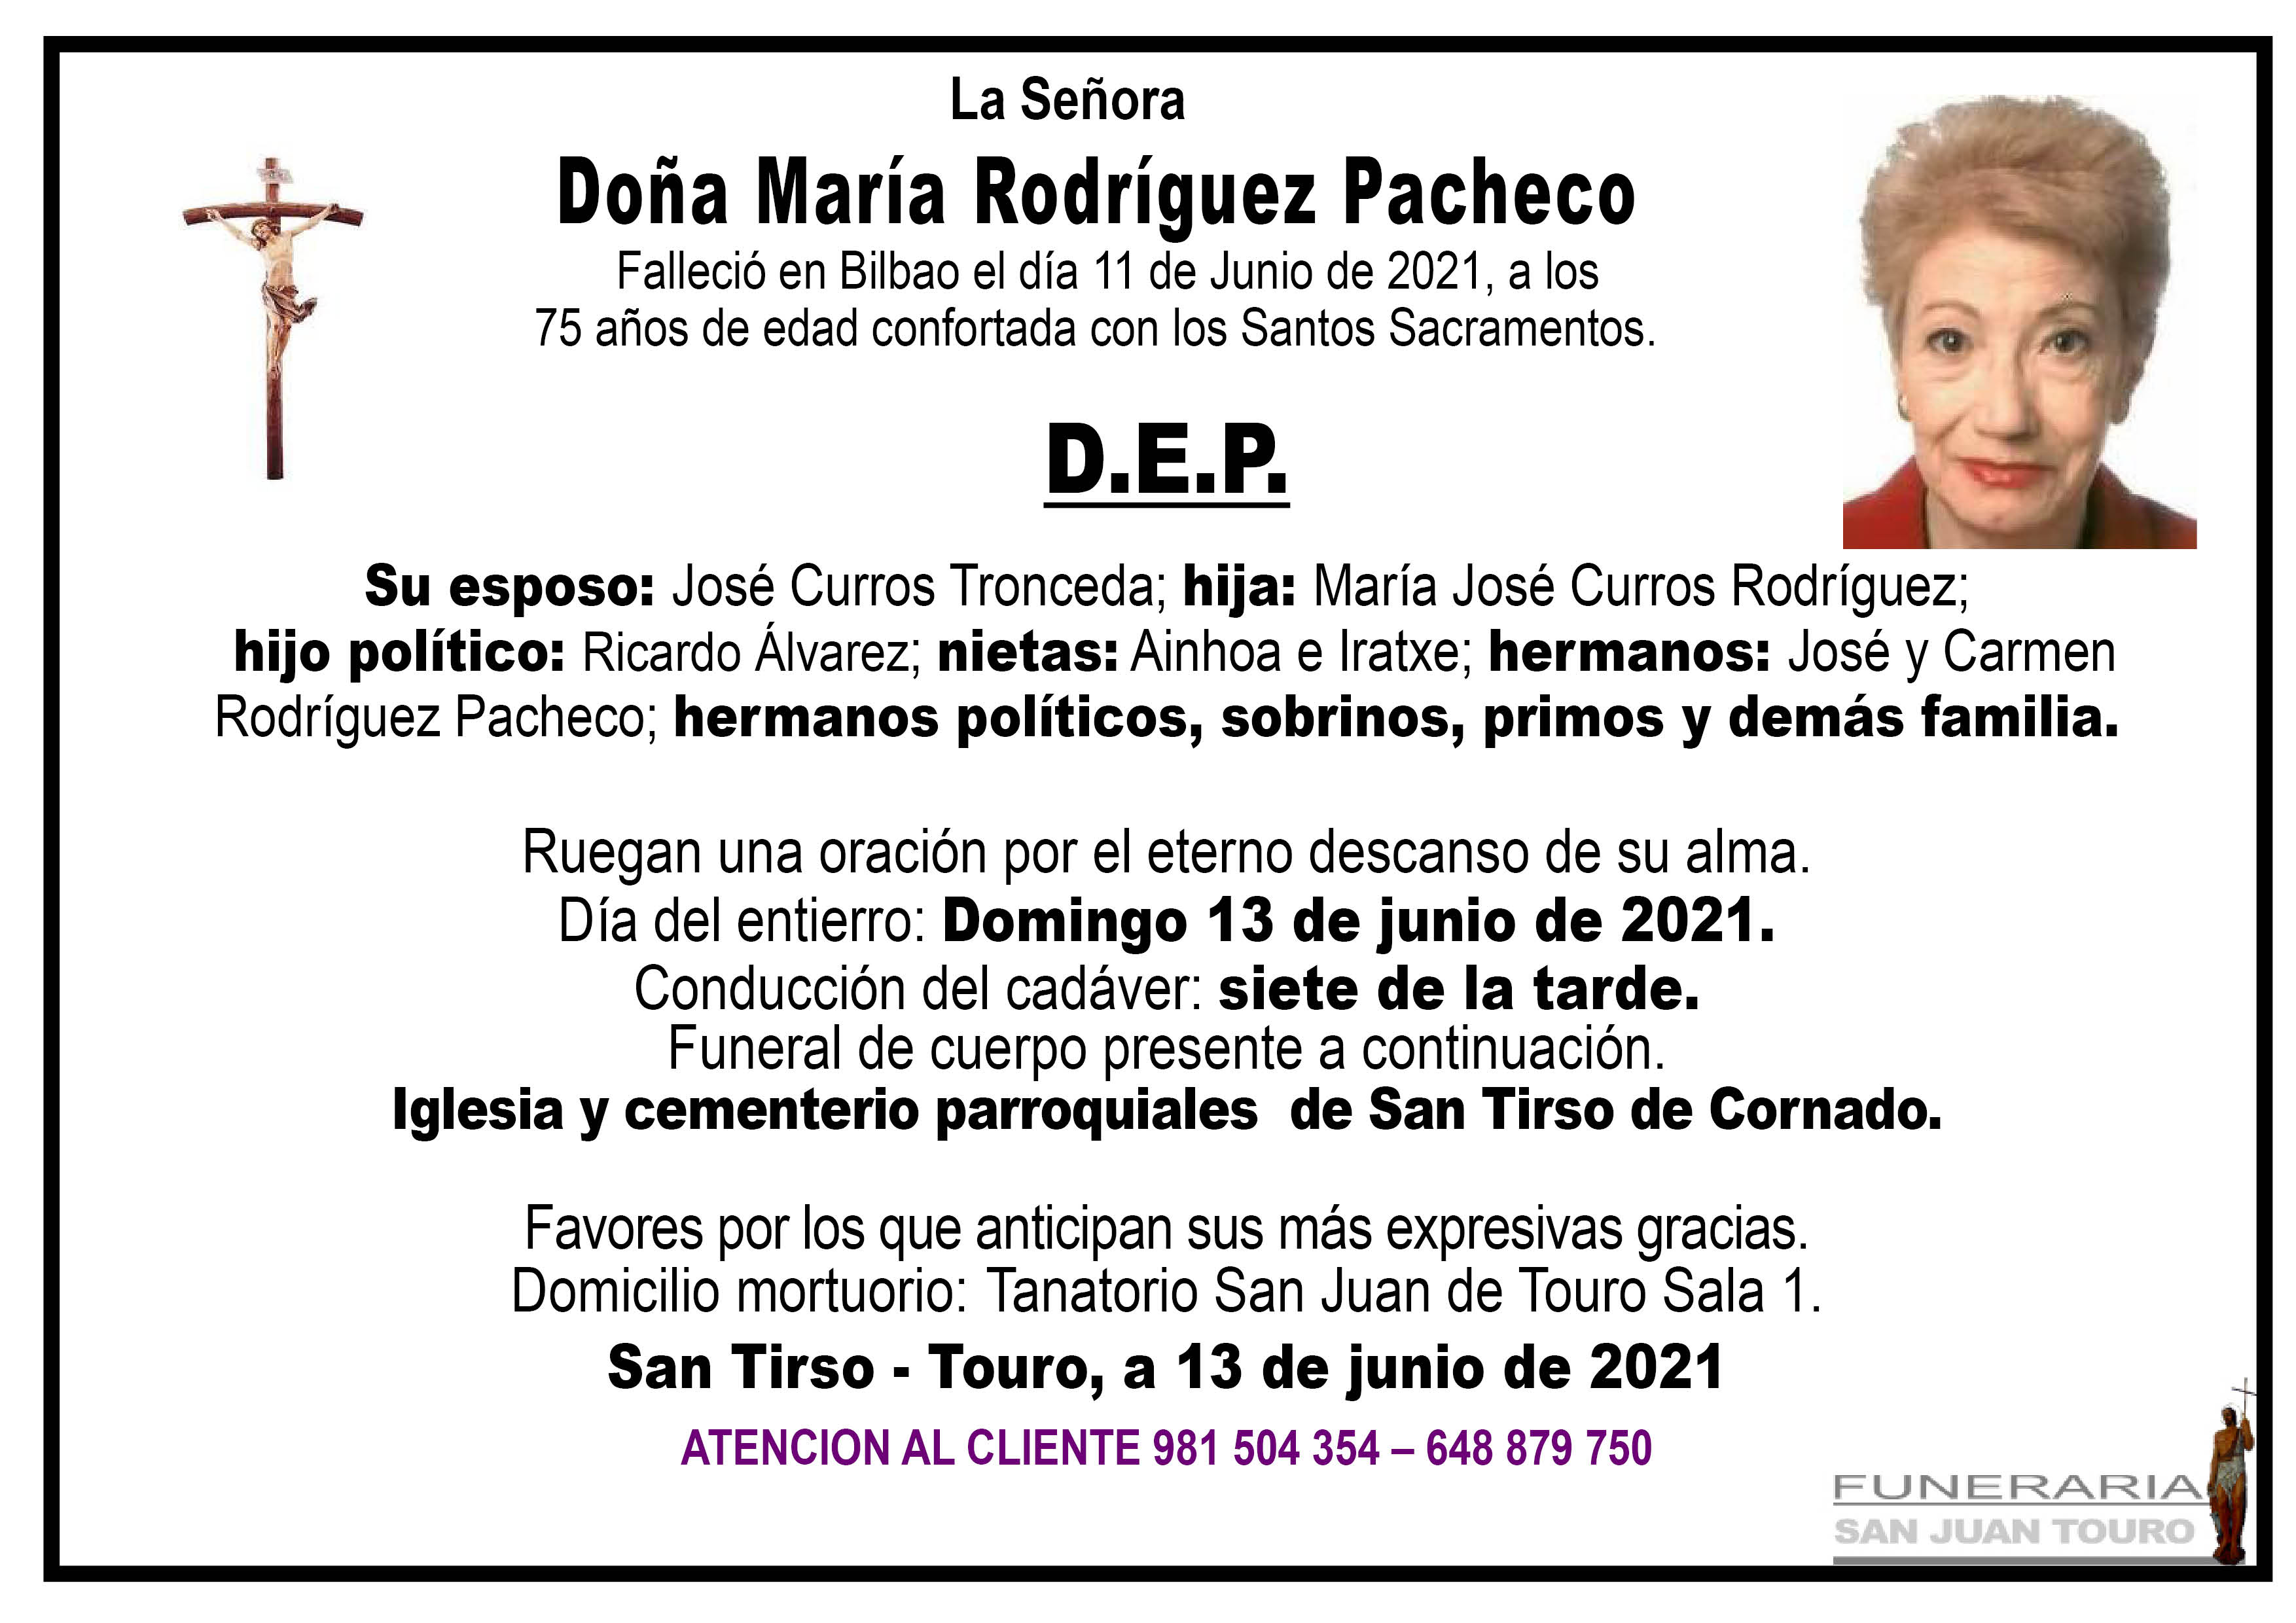 Esquela de SEPELIO DE DOÑA MARÍA RODRÍGUEZ PACHECO